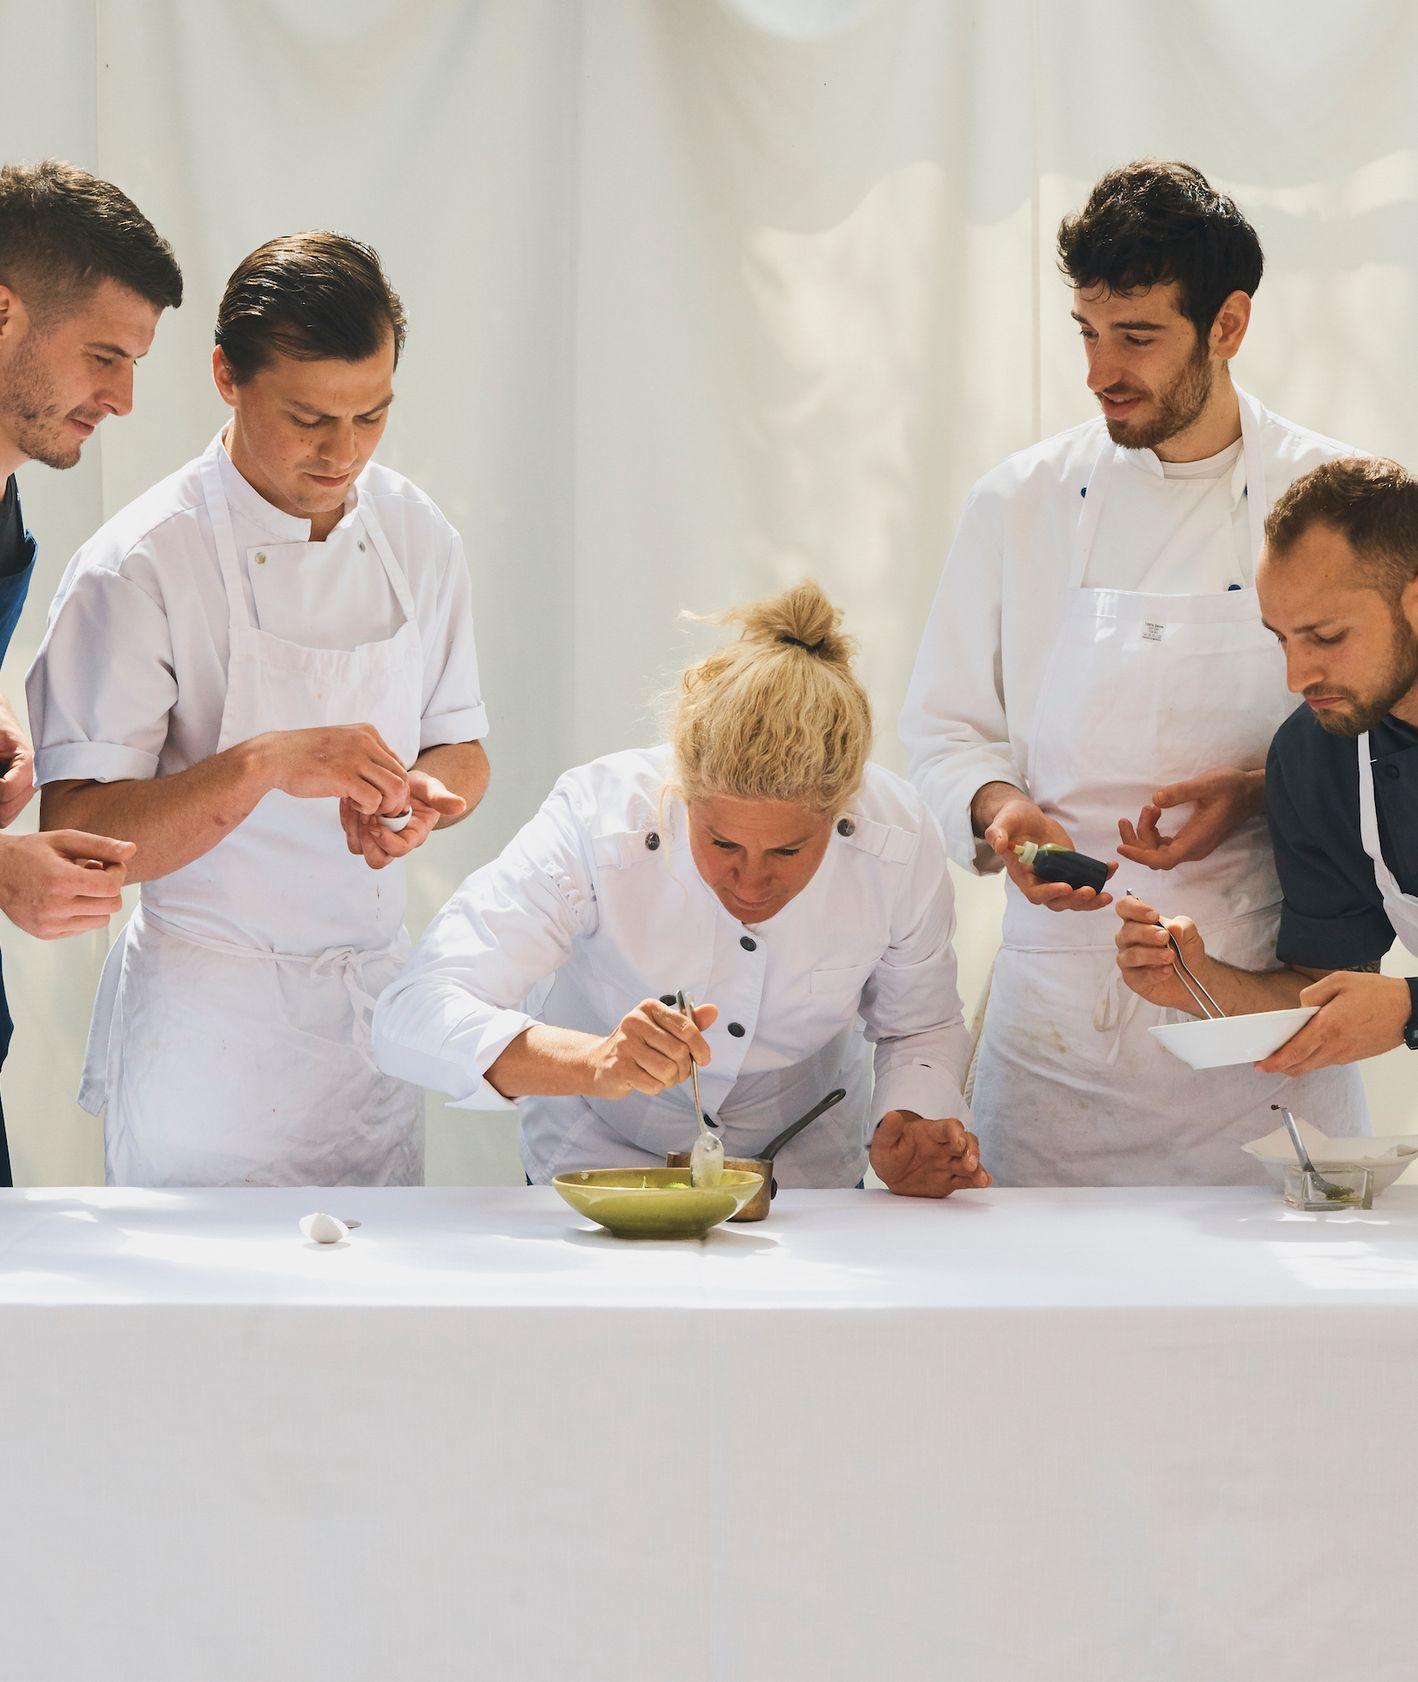 Ana Roš, szef kuchni słoweńskiej restauracji Hiša Franko(fot. Benjamin Schmuck)